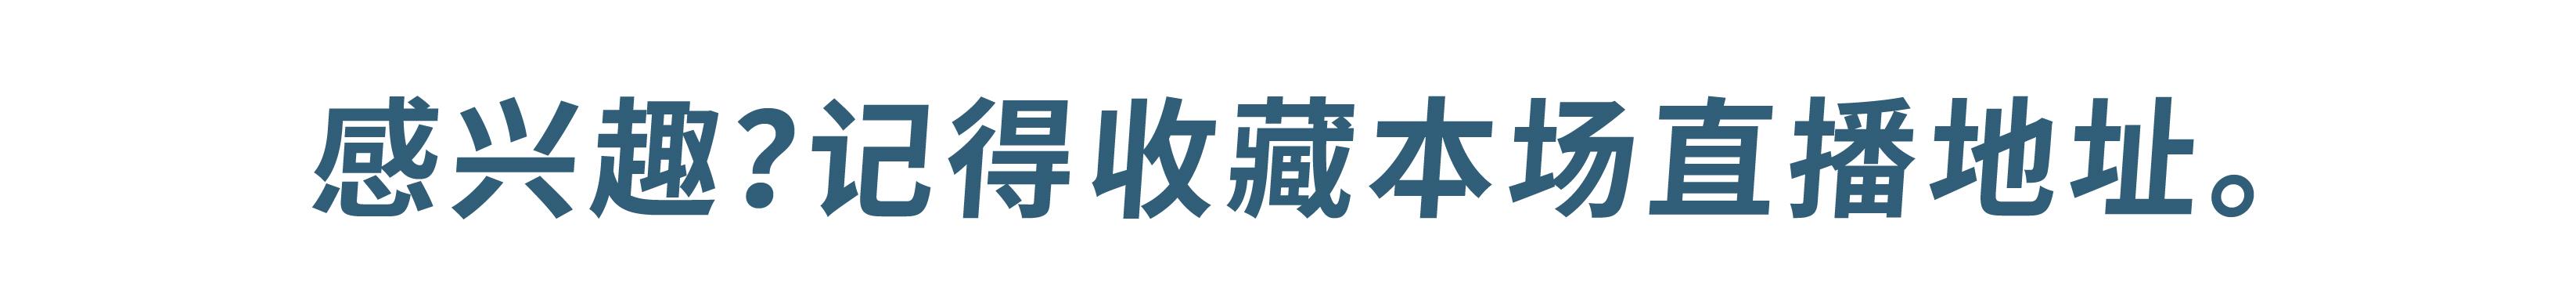 先导-41.jpg